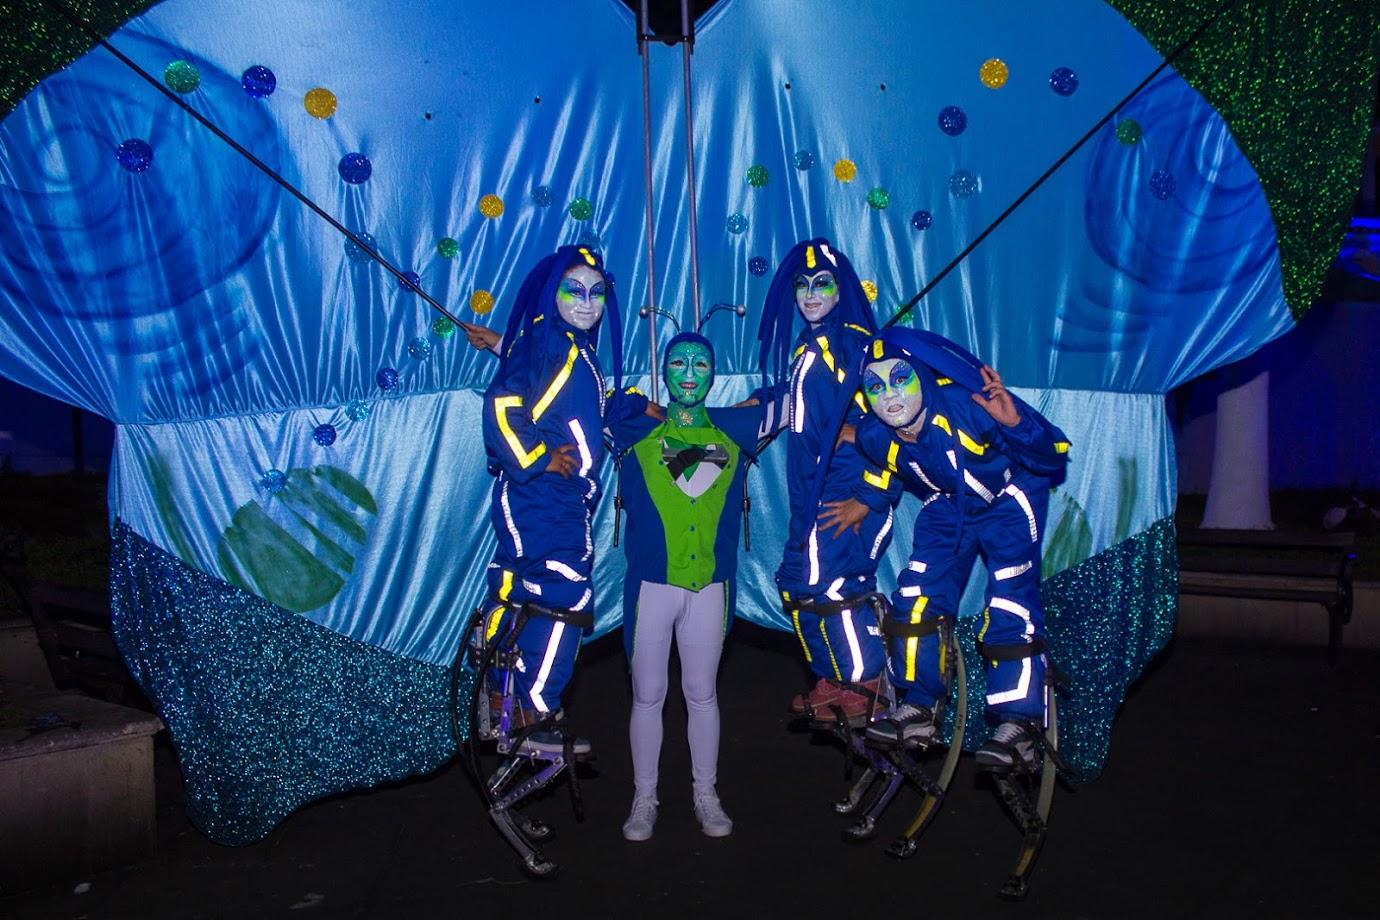 Teatro Corfescu La noche azul